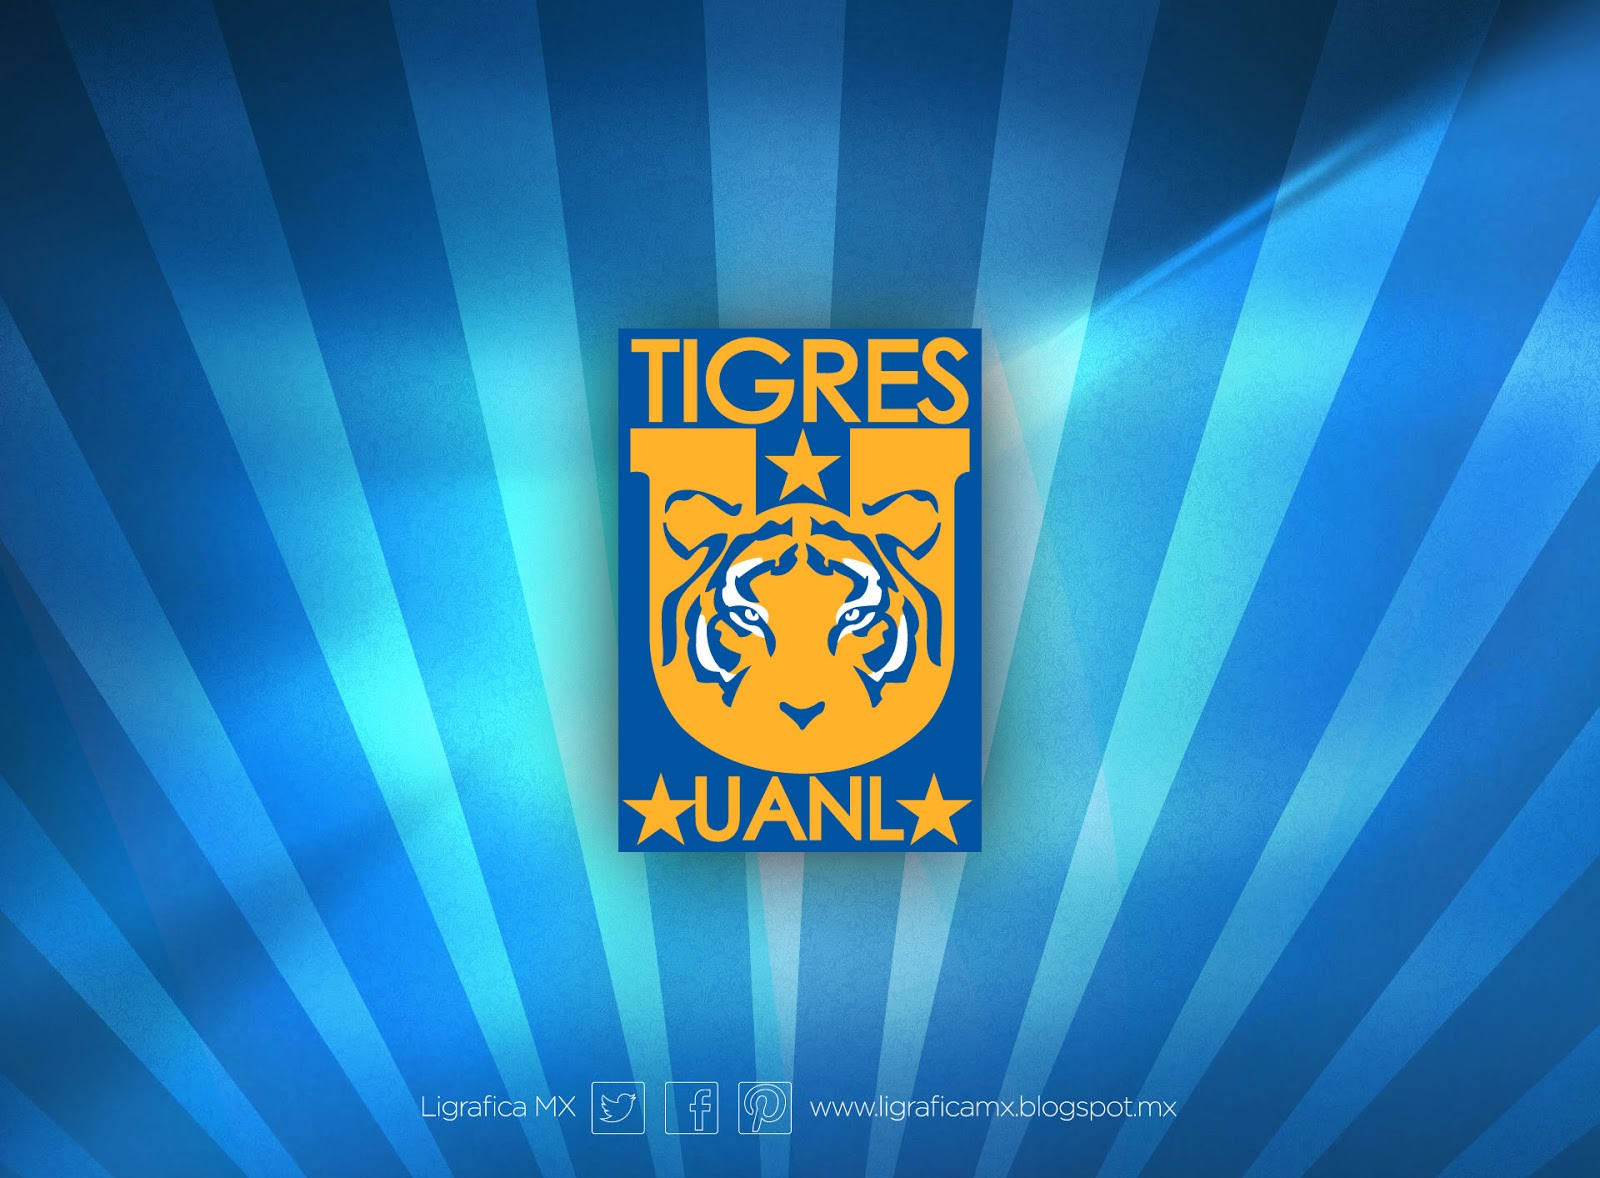 ligraficamx 240114 3 tigres.